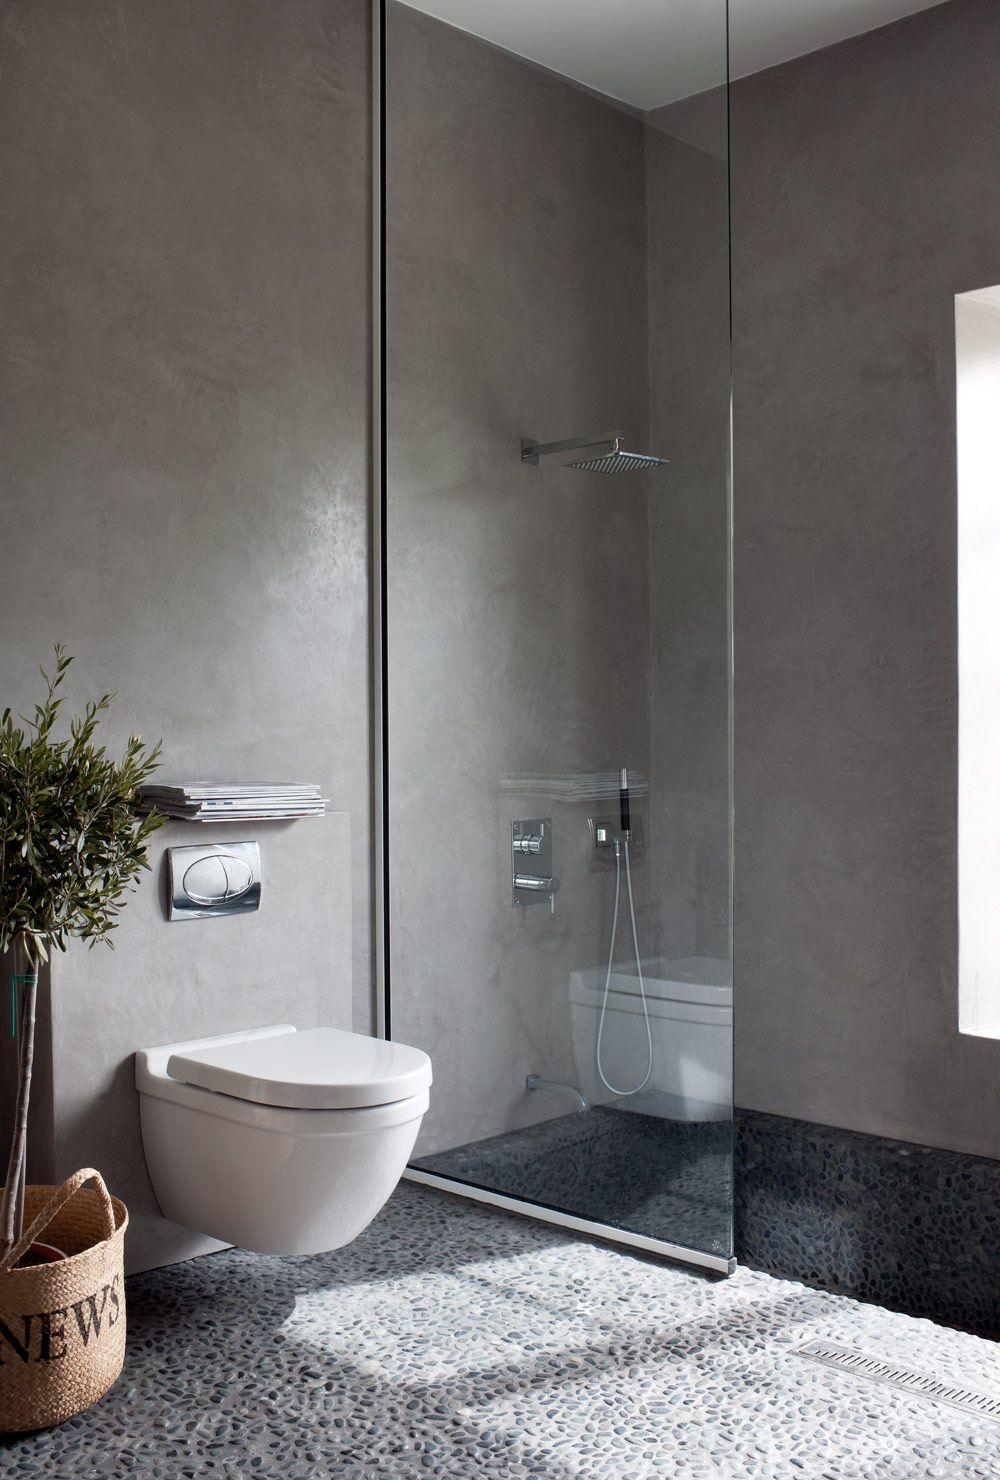 Badezimmer design ideen klein den vita betongaltanen sätter stilen på sommarhuset  badezimmer